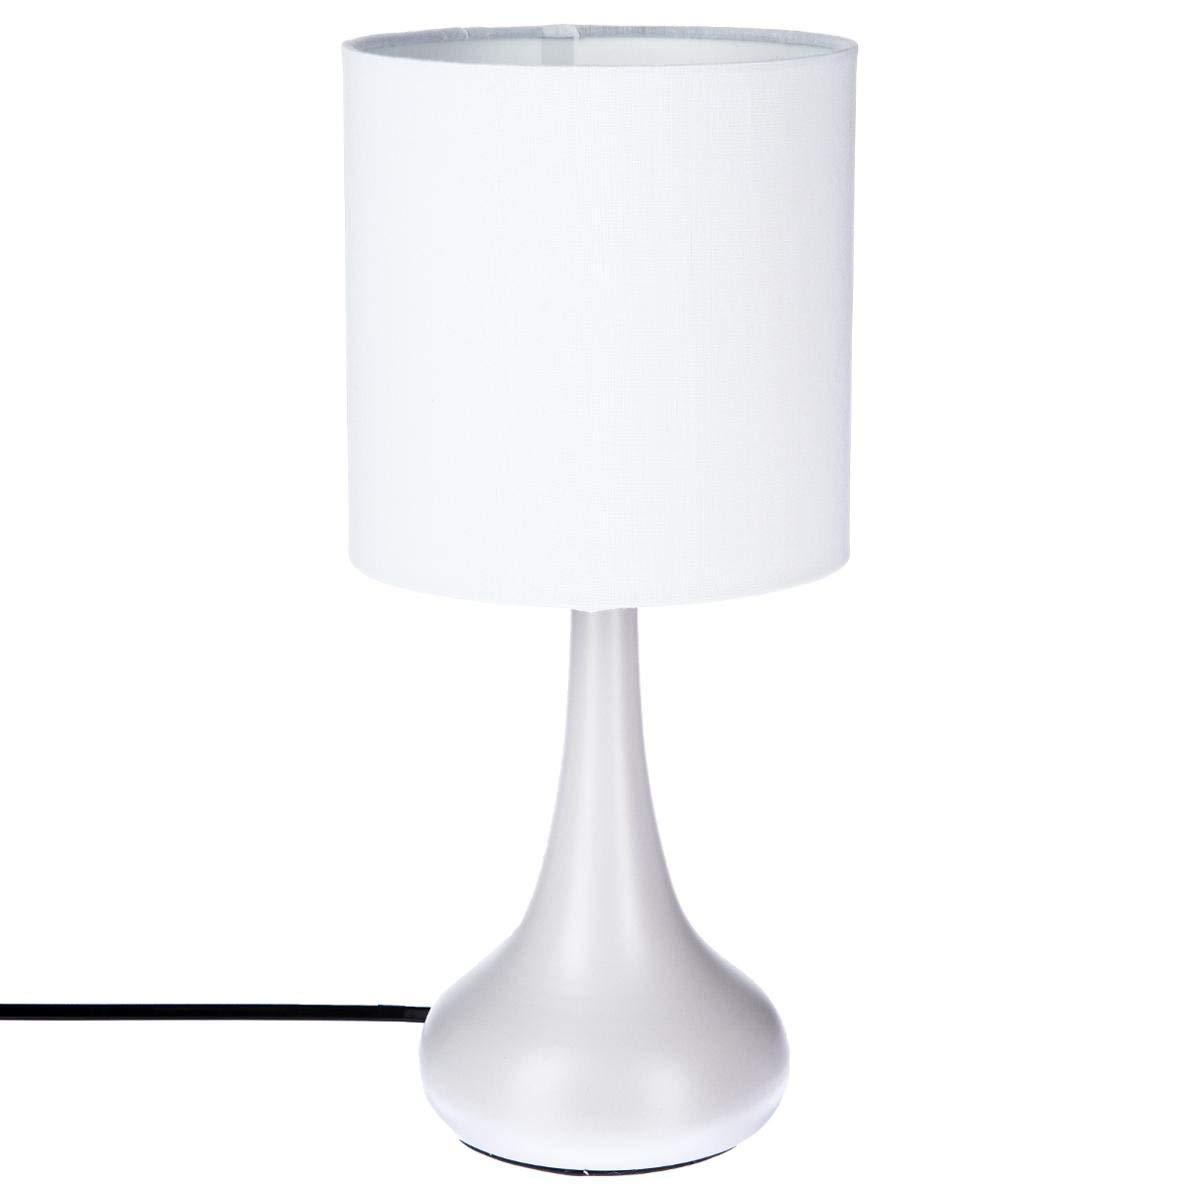 Magicbeauty Lampe Chevet Coloris Blanc Tactile De lt Atmosphera 1FKlcJ